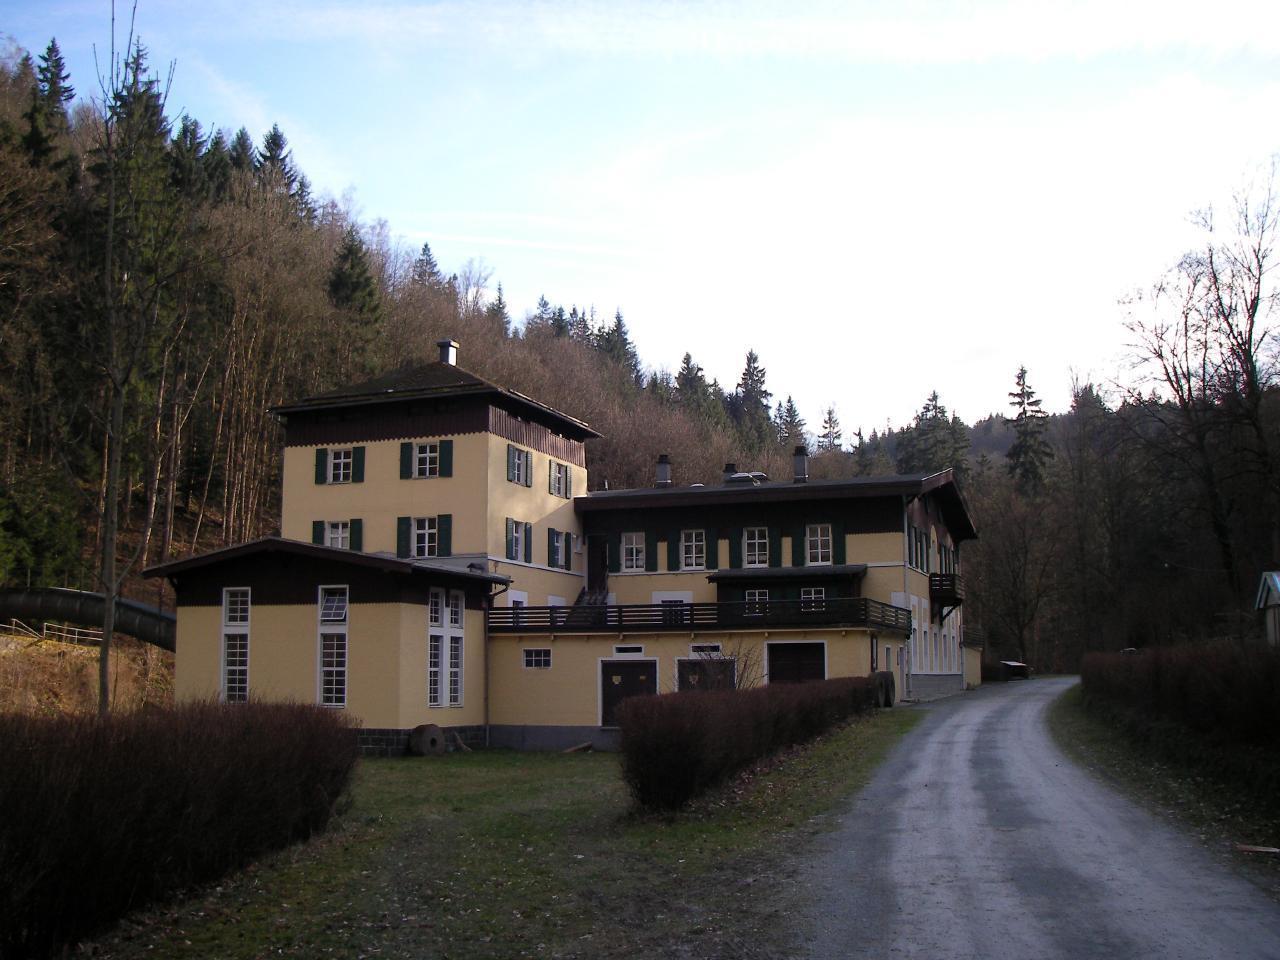 Ferienhaus Haus Hermann (993408), Presseck, Frankenwald, Bayern, Deutschland, Bild 42